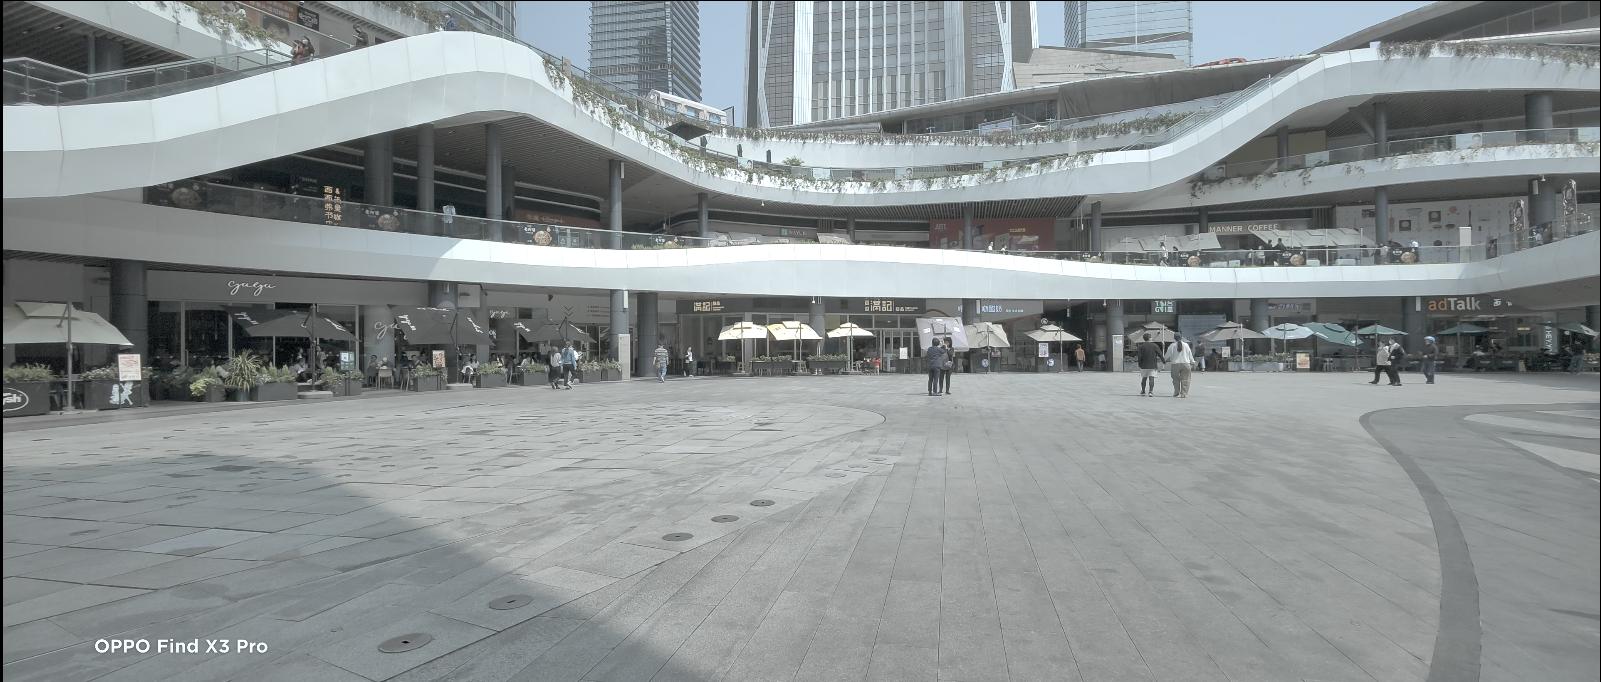 专业视频创作利器,Find X3 Pro有这些影像优势插图6